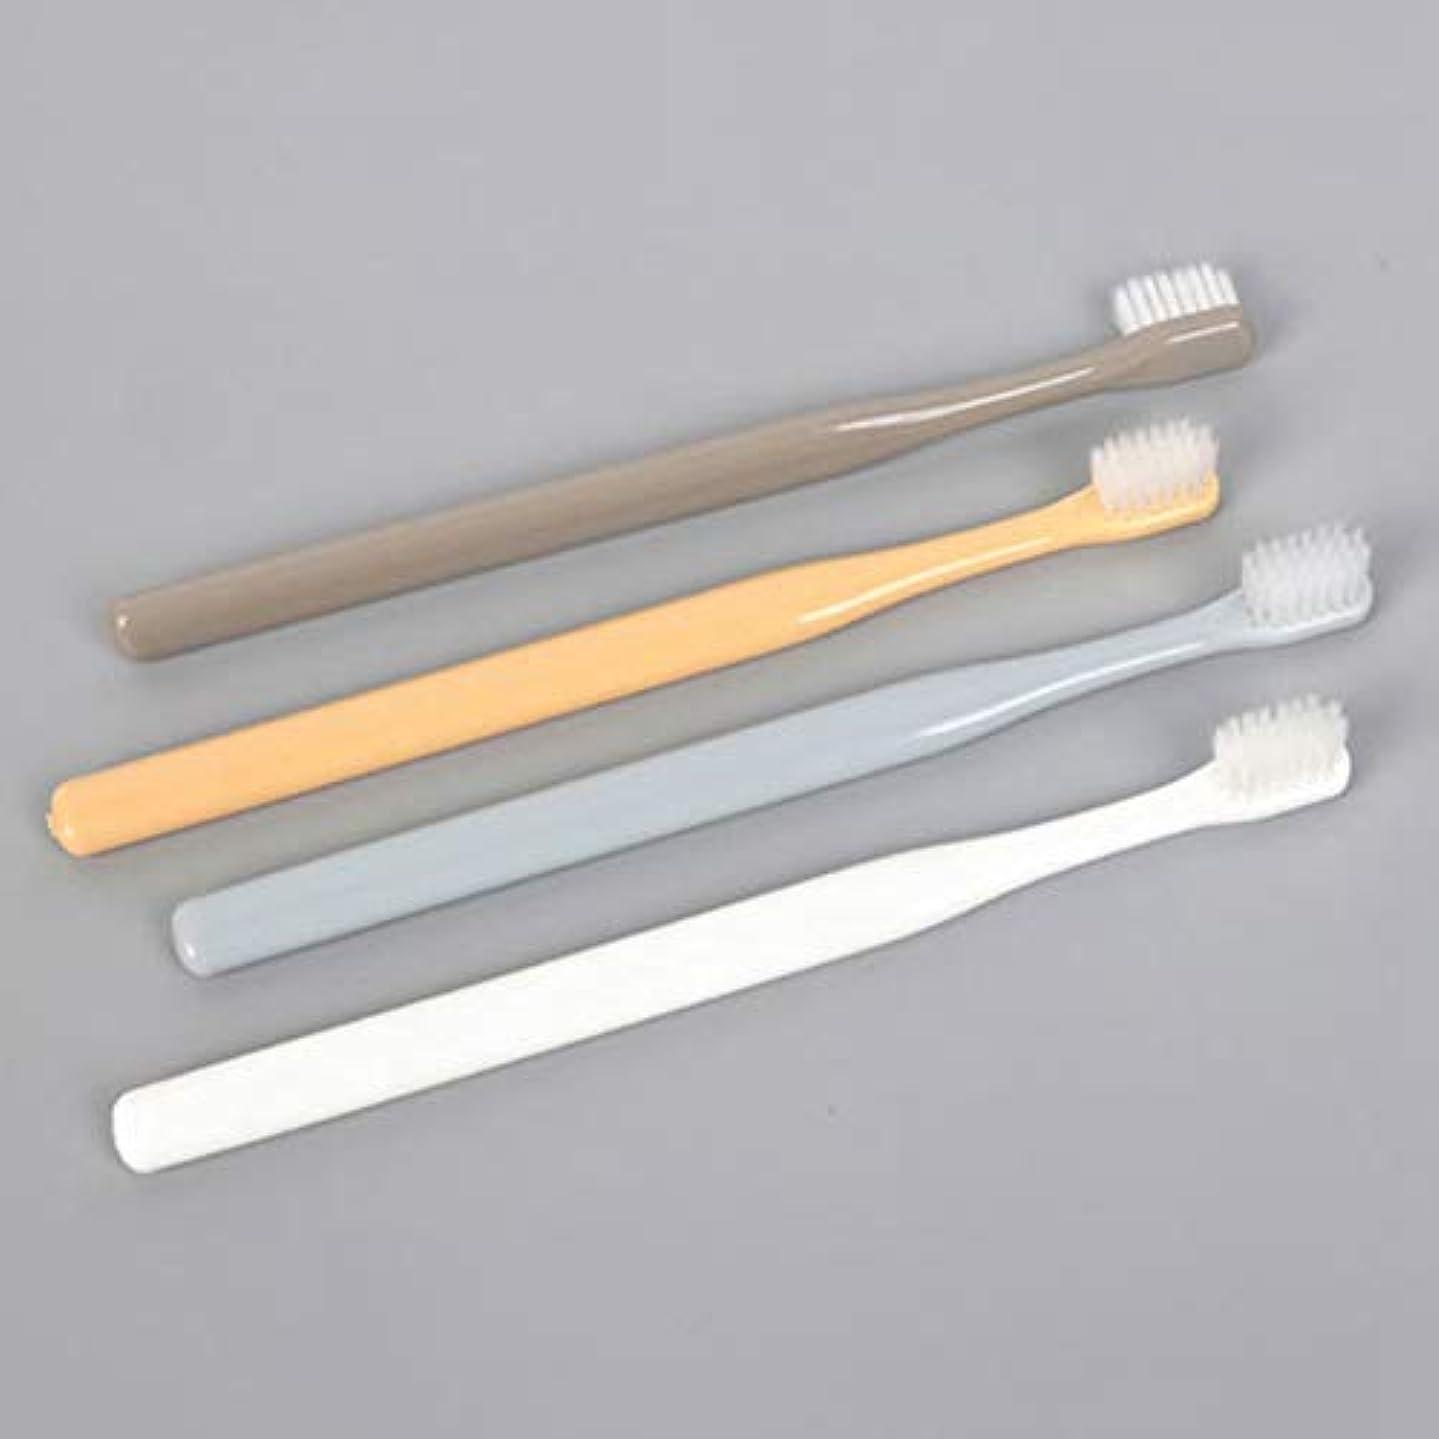 アンドリューハリディ表示寂しいEVA-JP 歯ブラシ×4本 ナノメートルブラシ 高密度 柔らかいブラシ 日本式歯ブラシ 極薄ヘッド 旅行用歯ブラシ